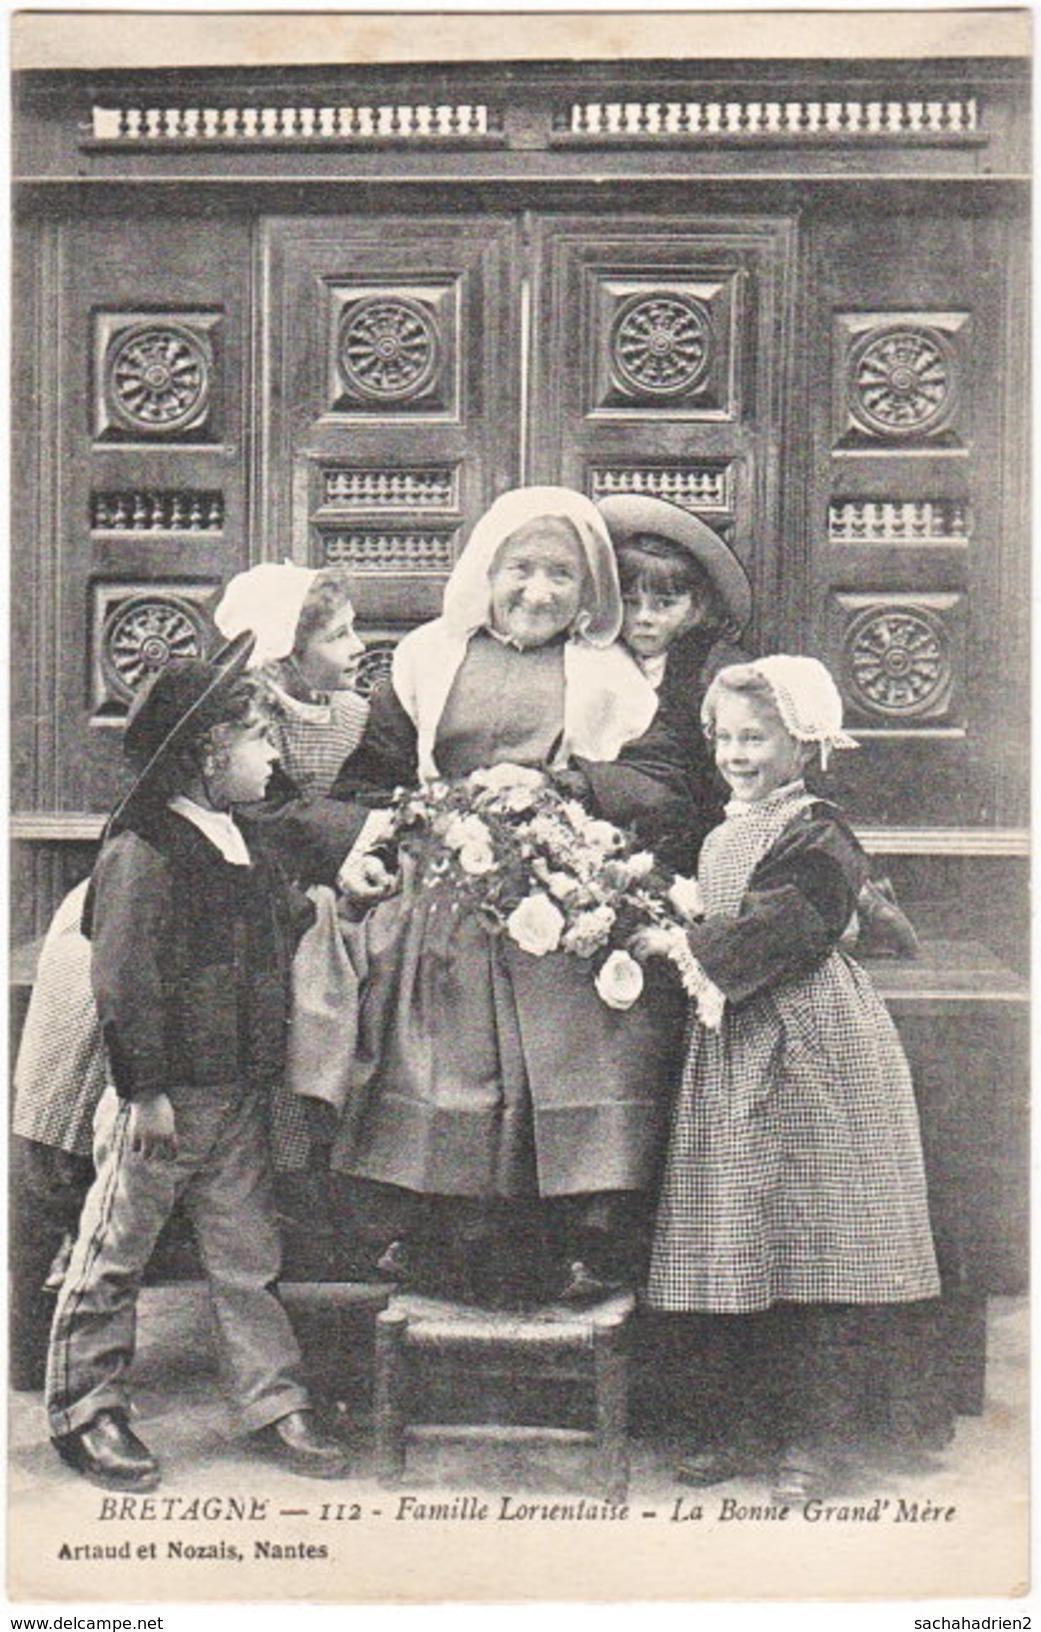 56. Famille Lorientaise. La Bonne Grand' Mère. 112 (1) - Lorient